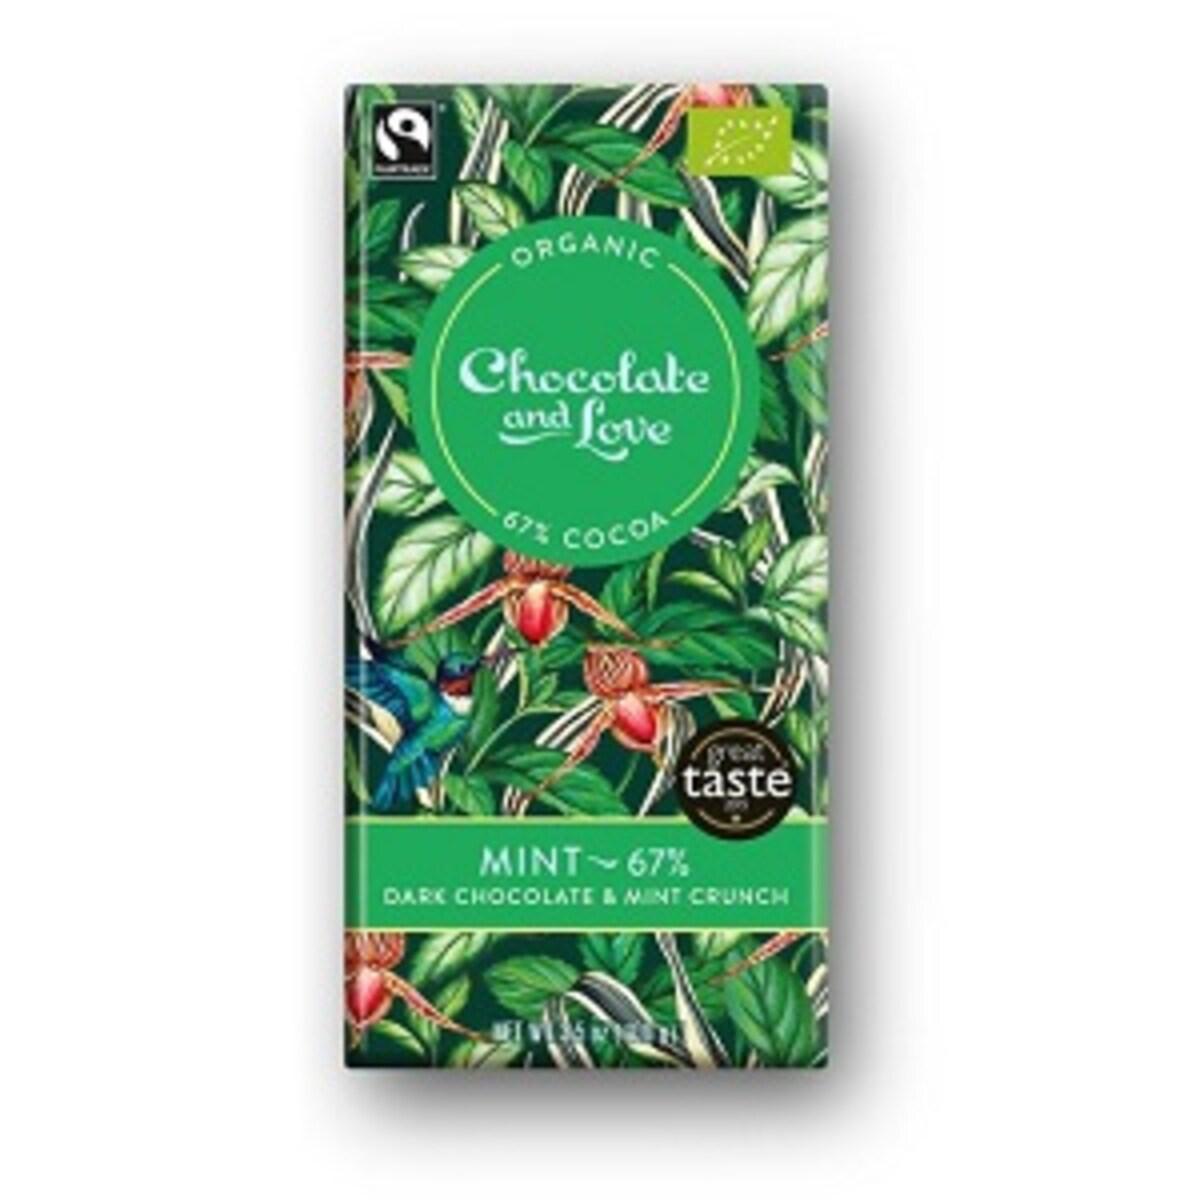 Органичен шоколад с мента, 67% какао, 40гр от Chocolate and Love